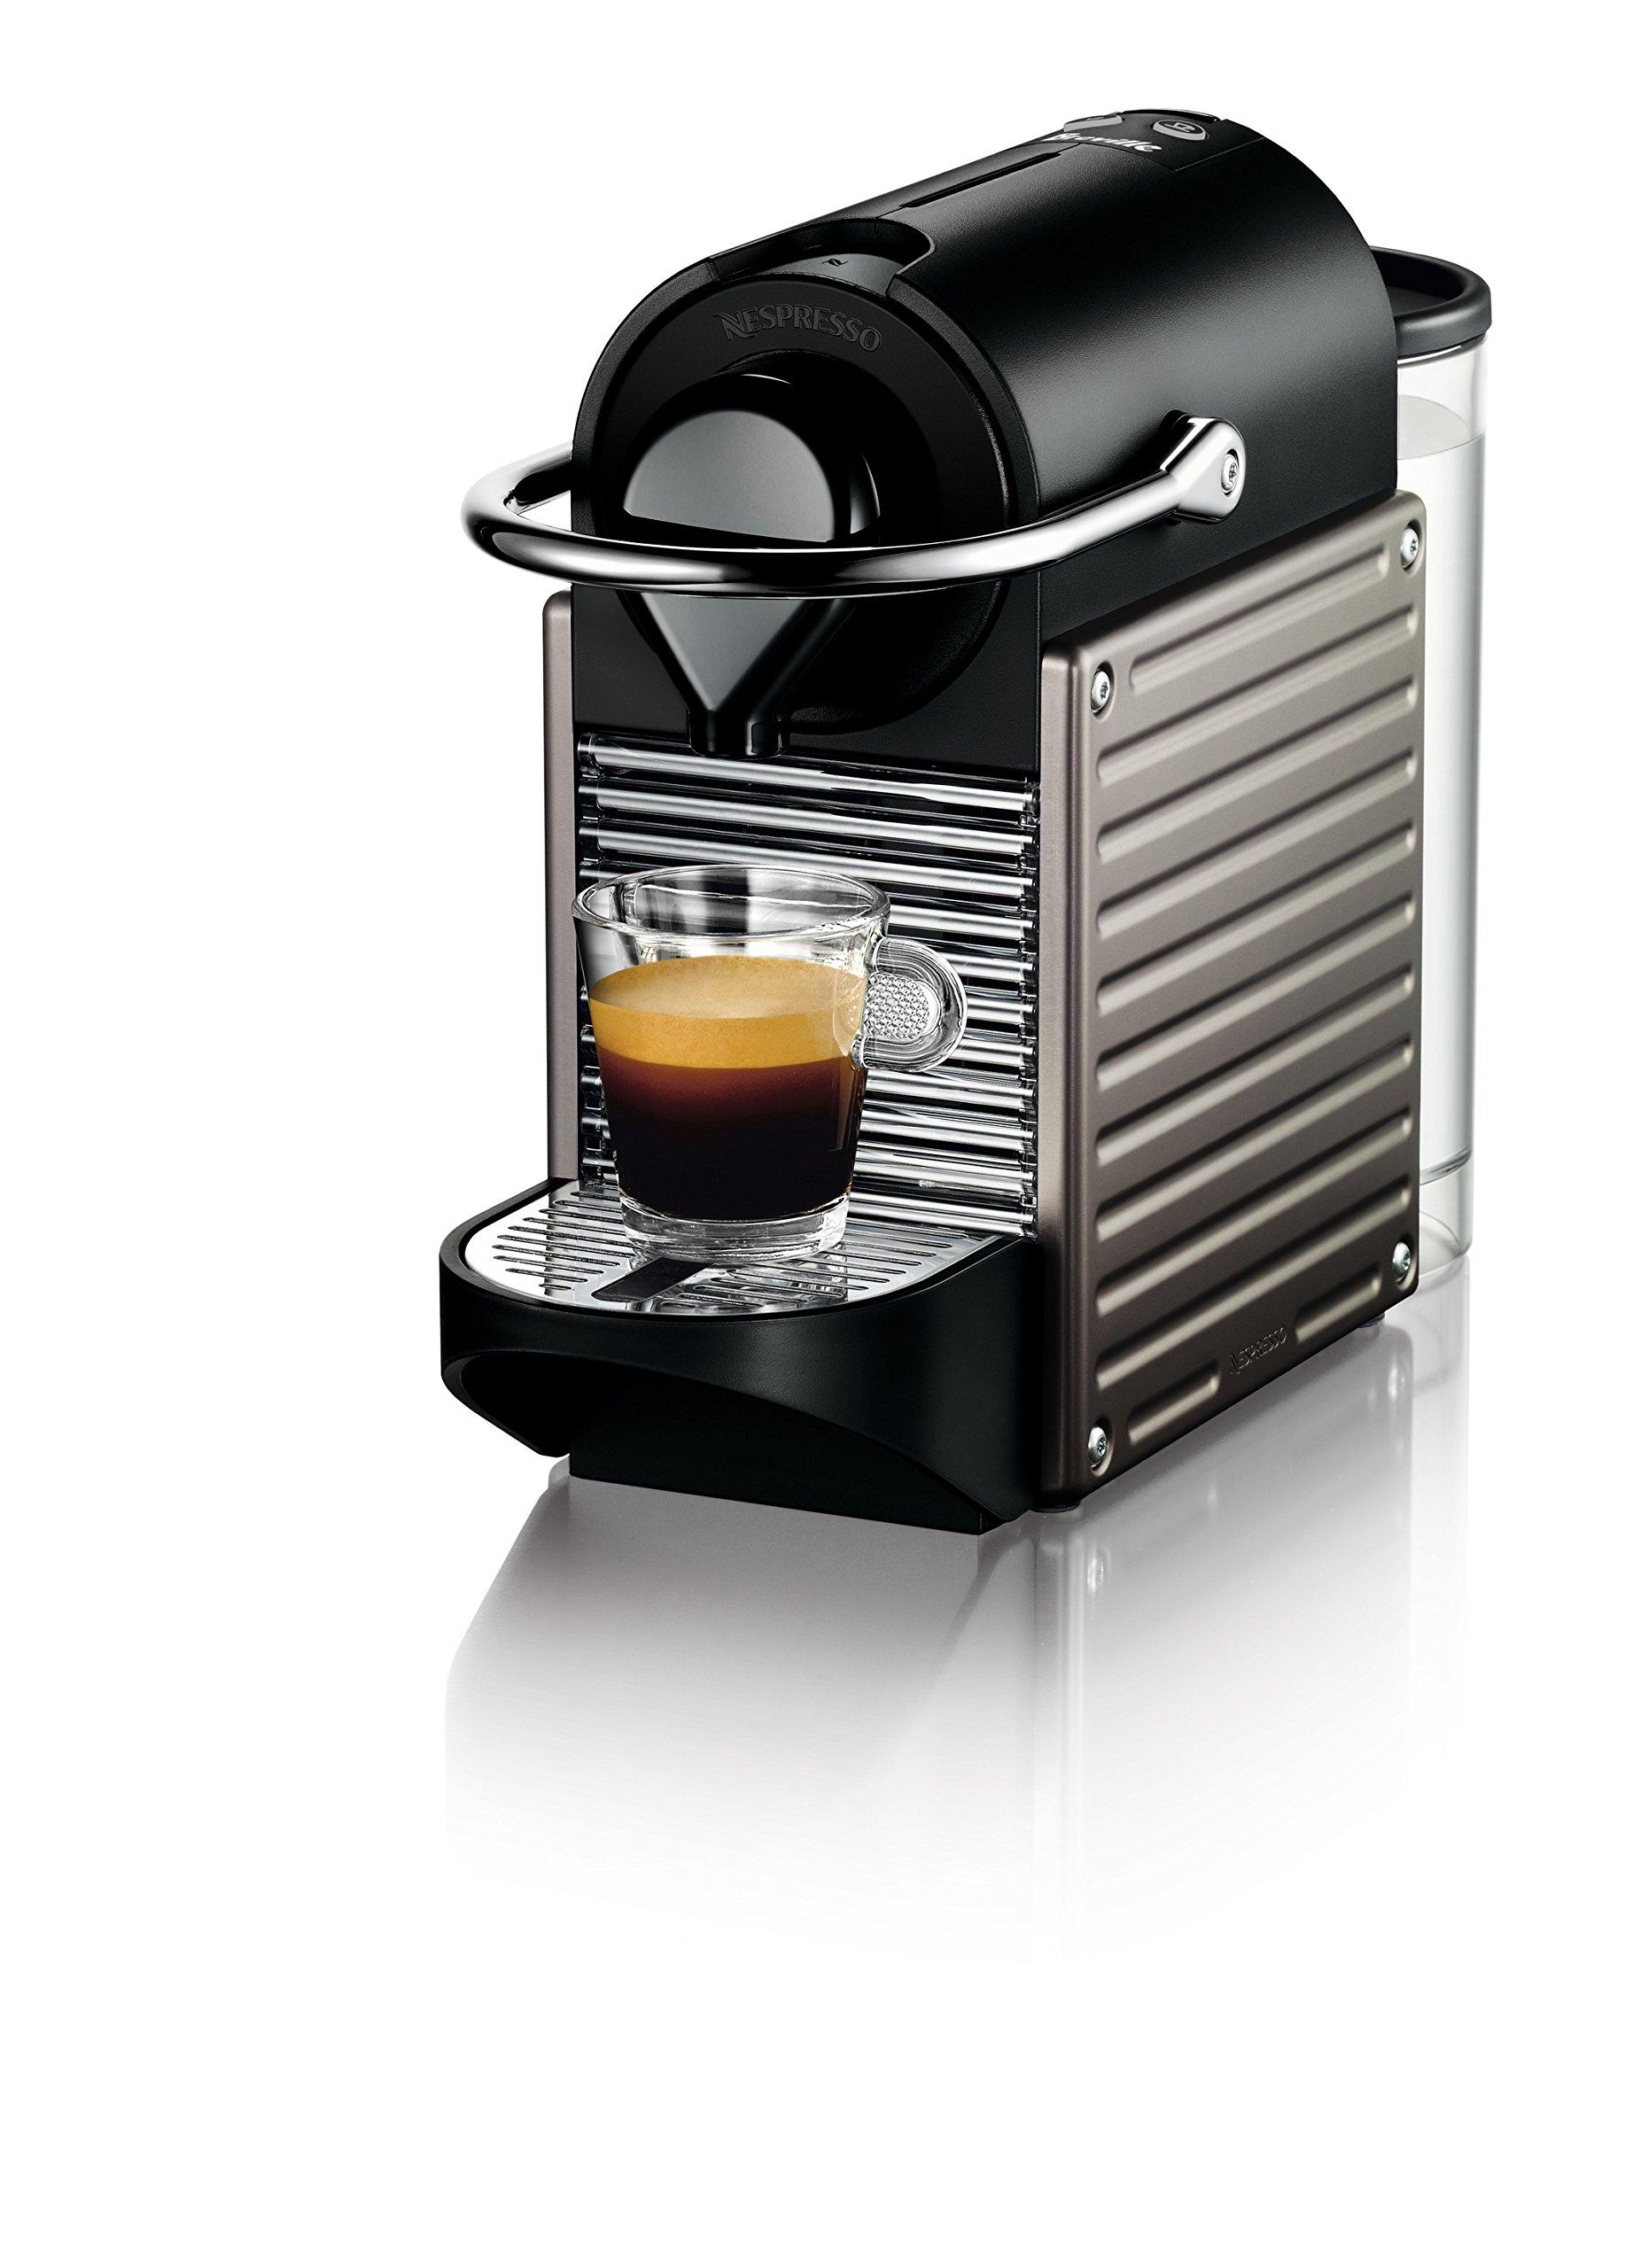 Nespresso Pixie Espresso Machine by Breville, Titan by Breville